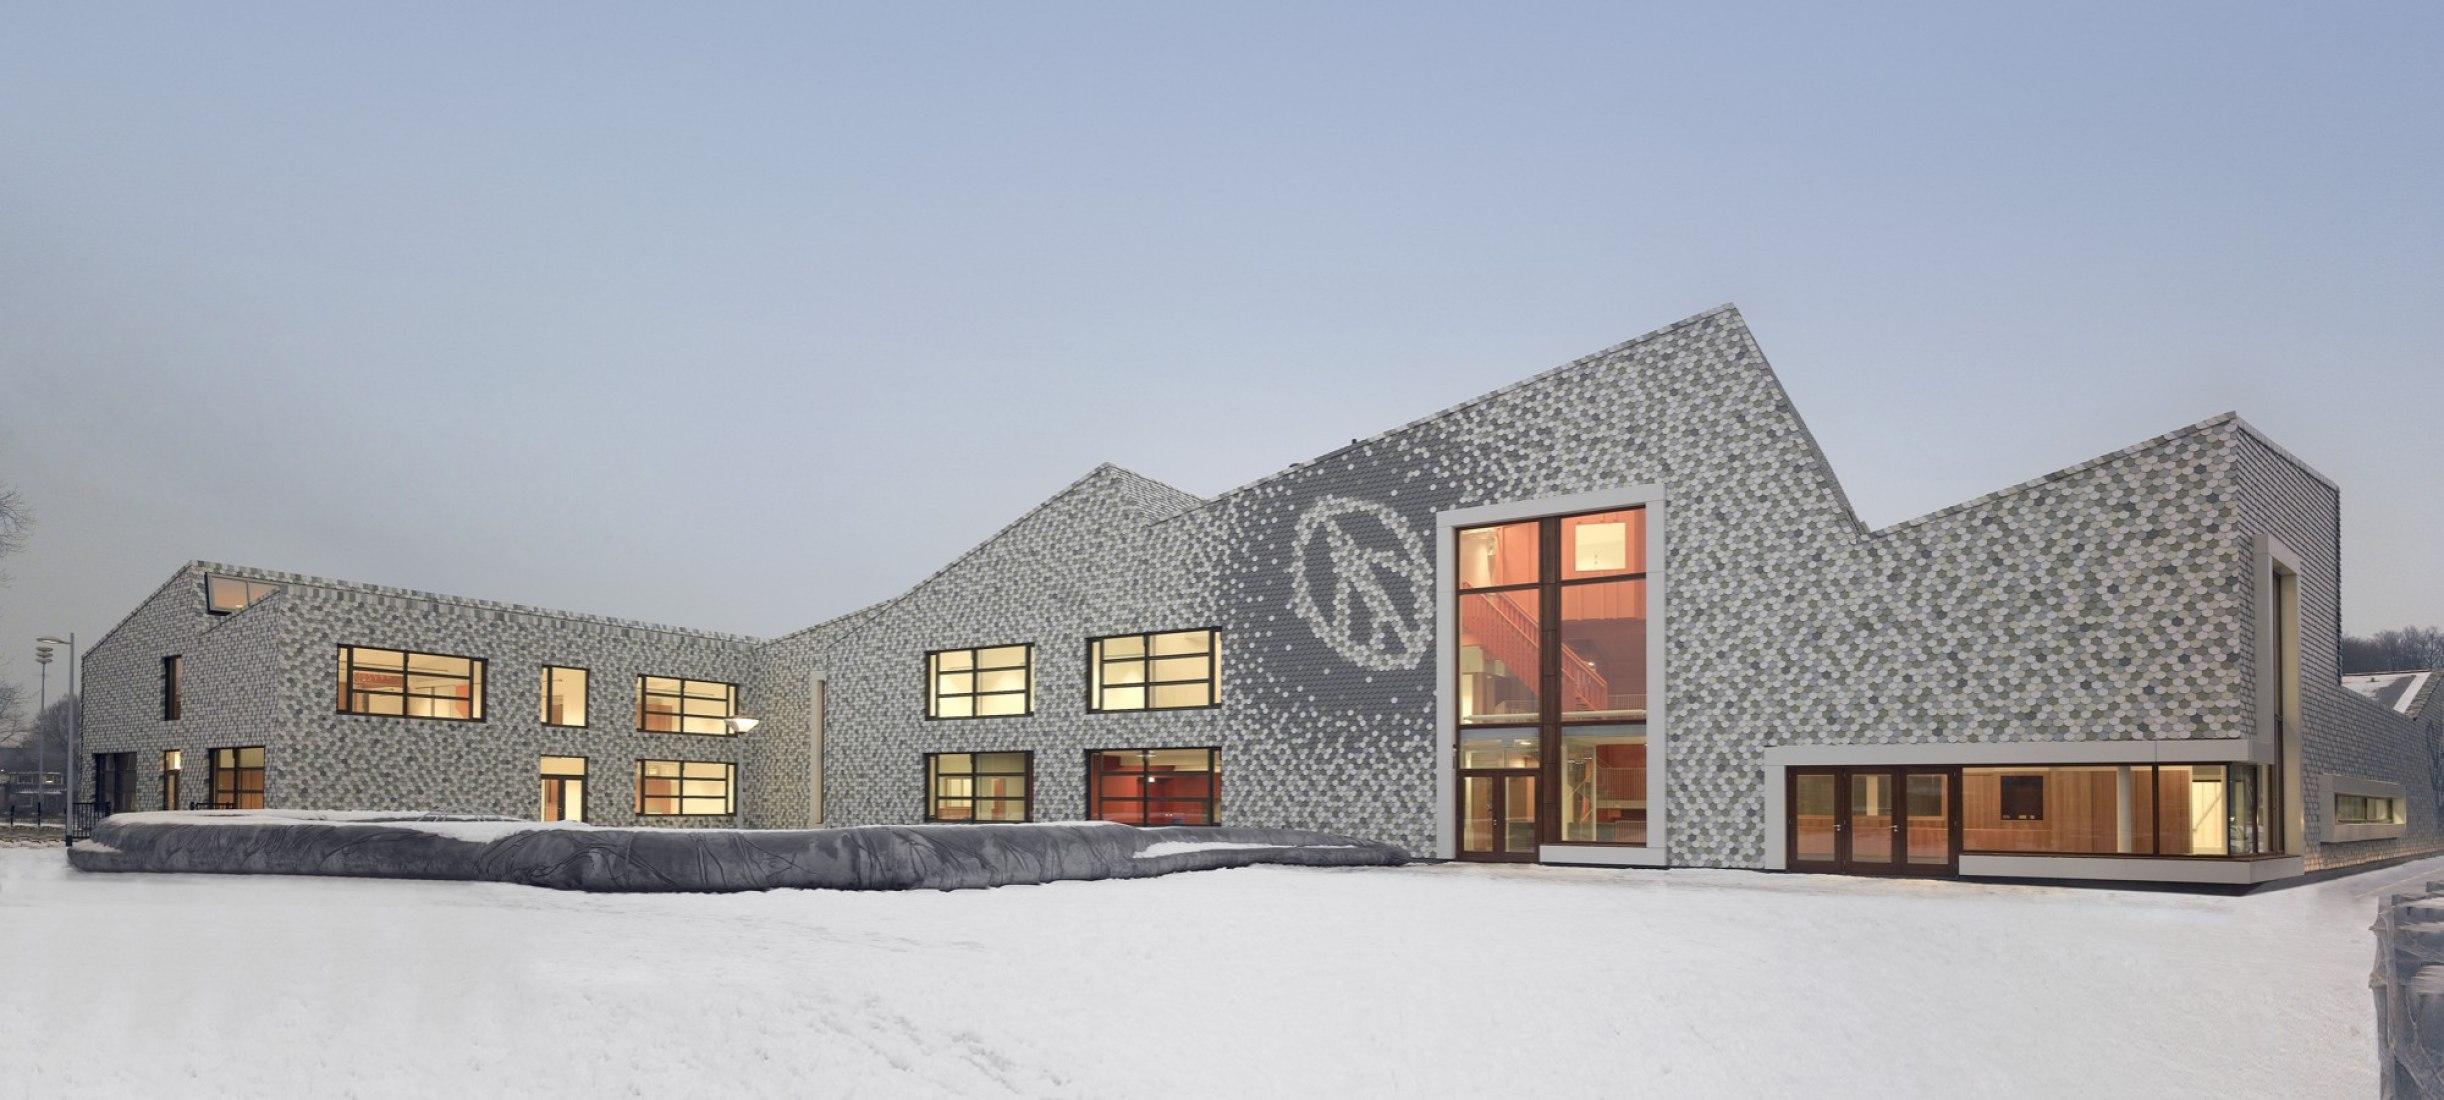 De Zonneboom, alojamiento multifuncional por las arquitectas Drost + van Veen. Fotografía © Drost + ARQUITECTOS van Veen